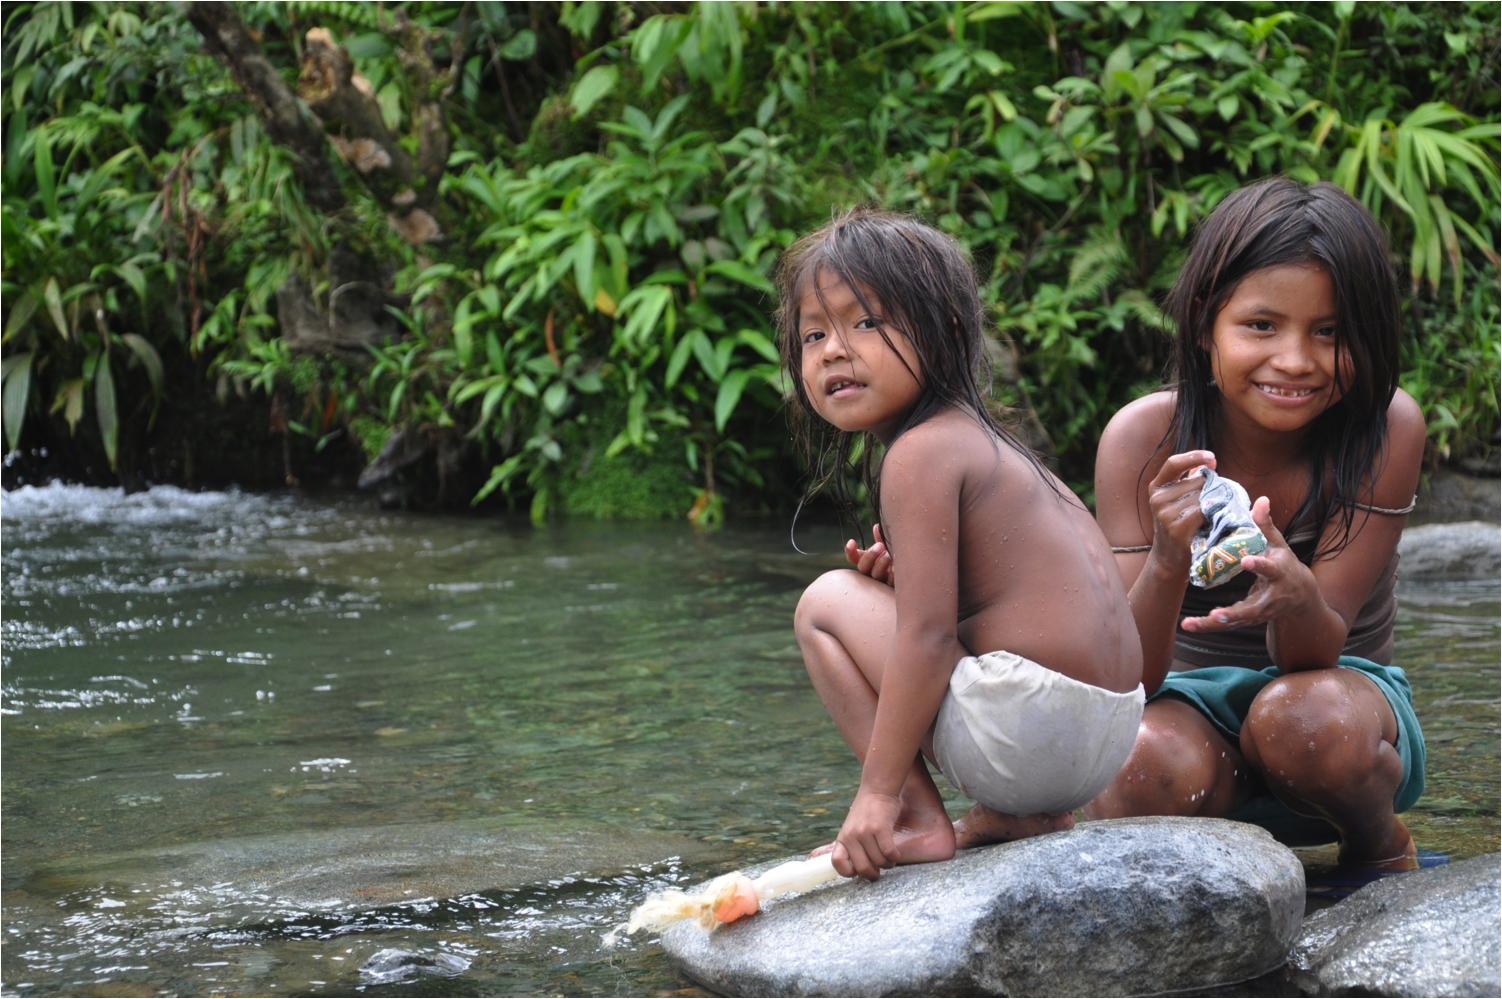 La intervención se enfocó en tres grupos étnicos: el pueblo indígena de los Pastos, las comunidades afrocolombianas y el pueblo indígena Esperara Siapidaara